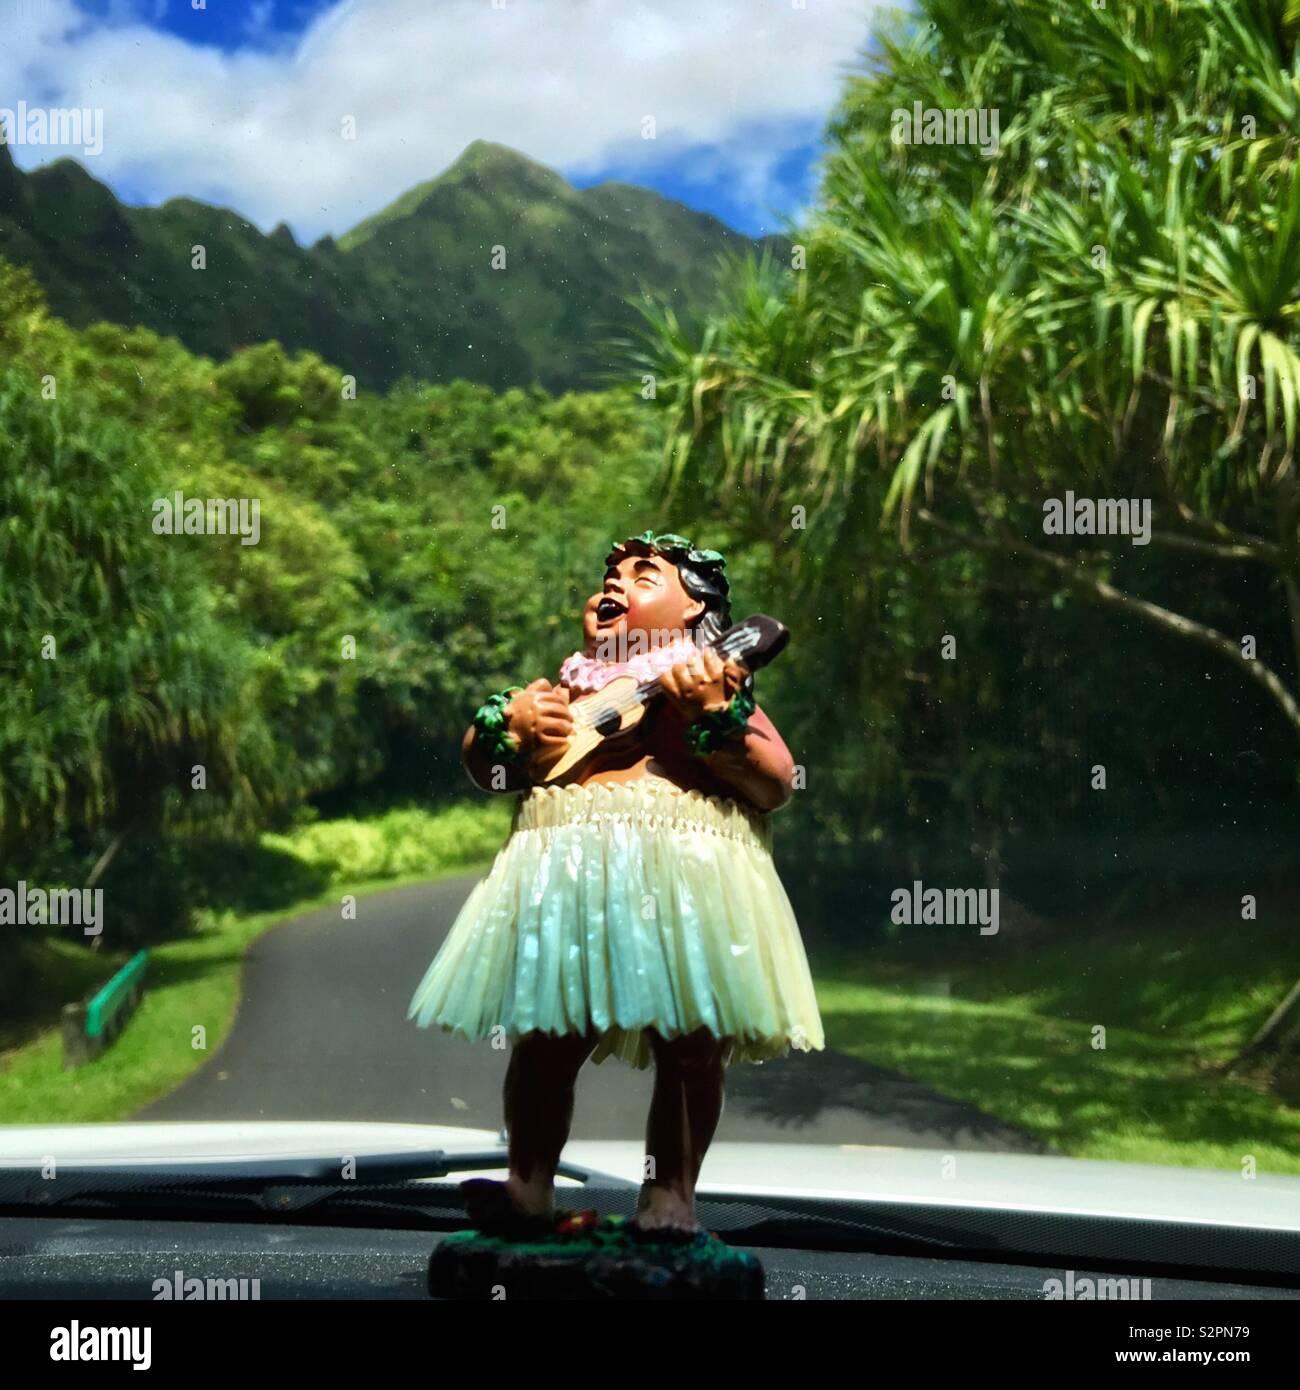 Figurine de Hula dans une jupe d'herbe à jouer du ukulele en conduisant à Hawaï Photo Stock